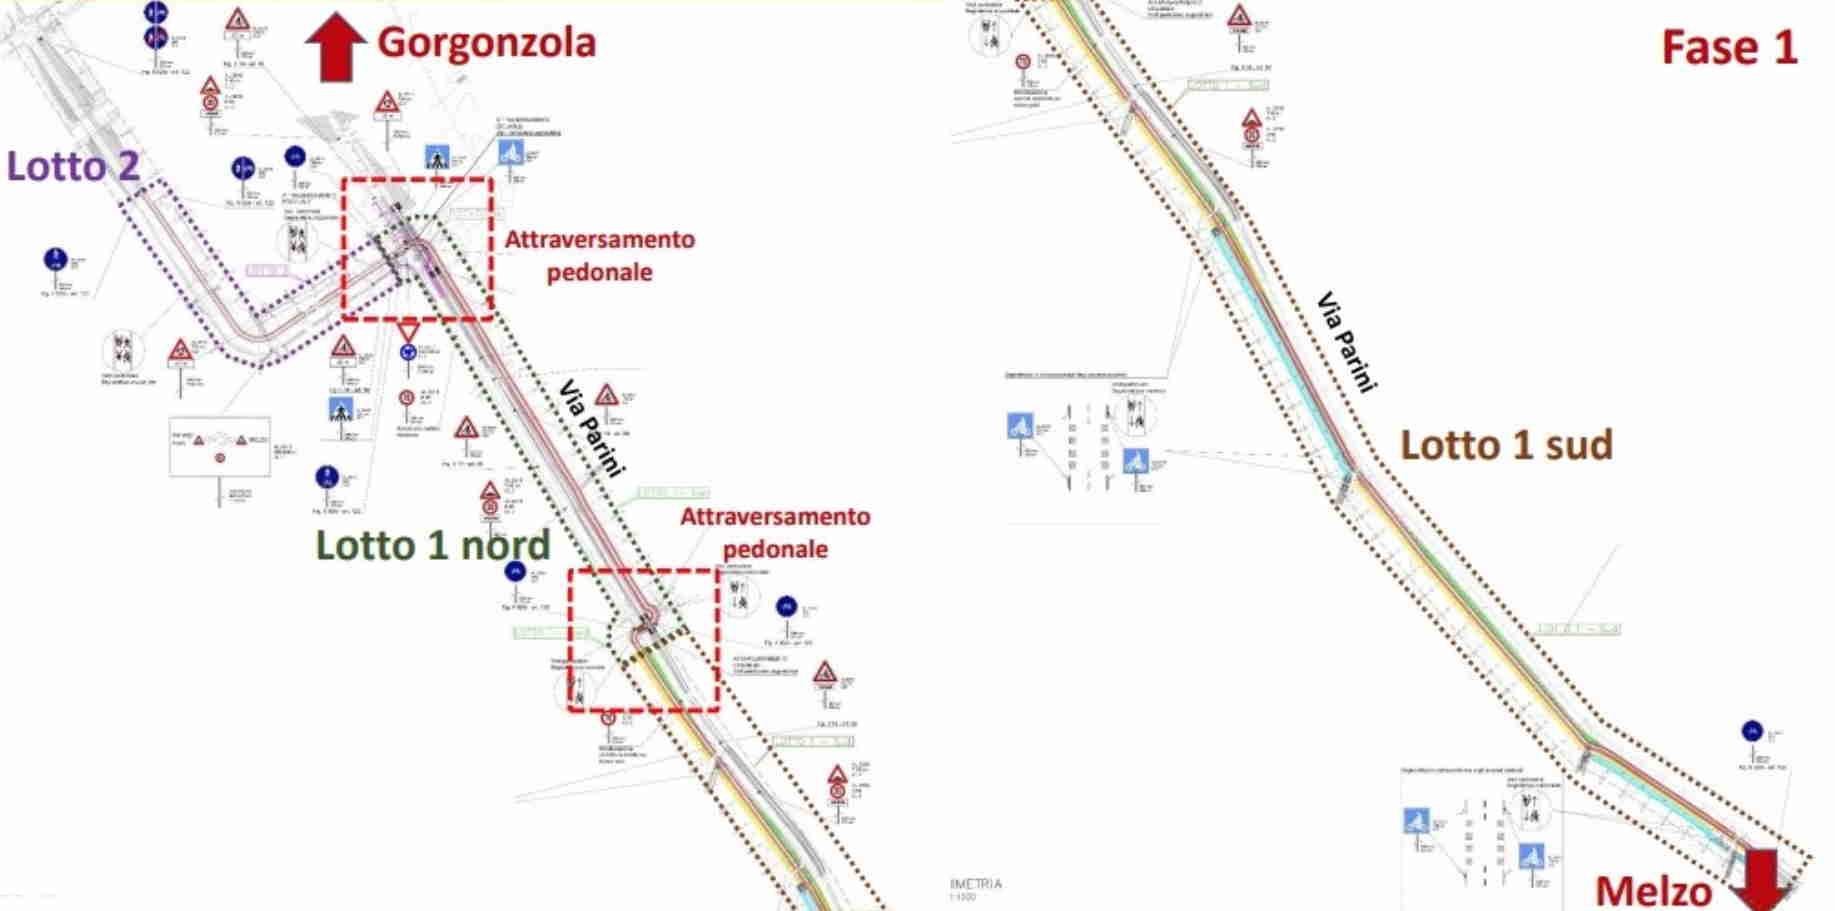 Al via i lavori per la pista ciclabile Gorgonzola-Melzo